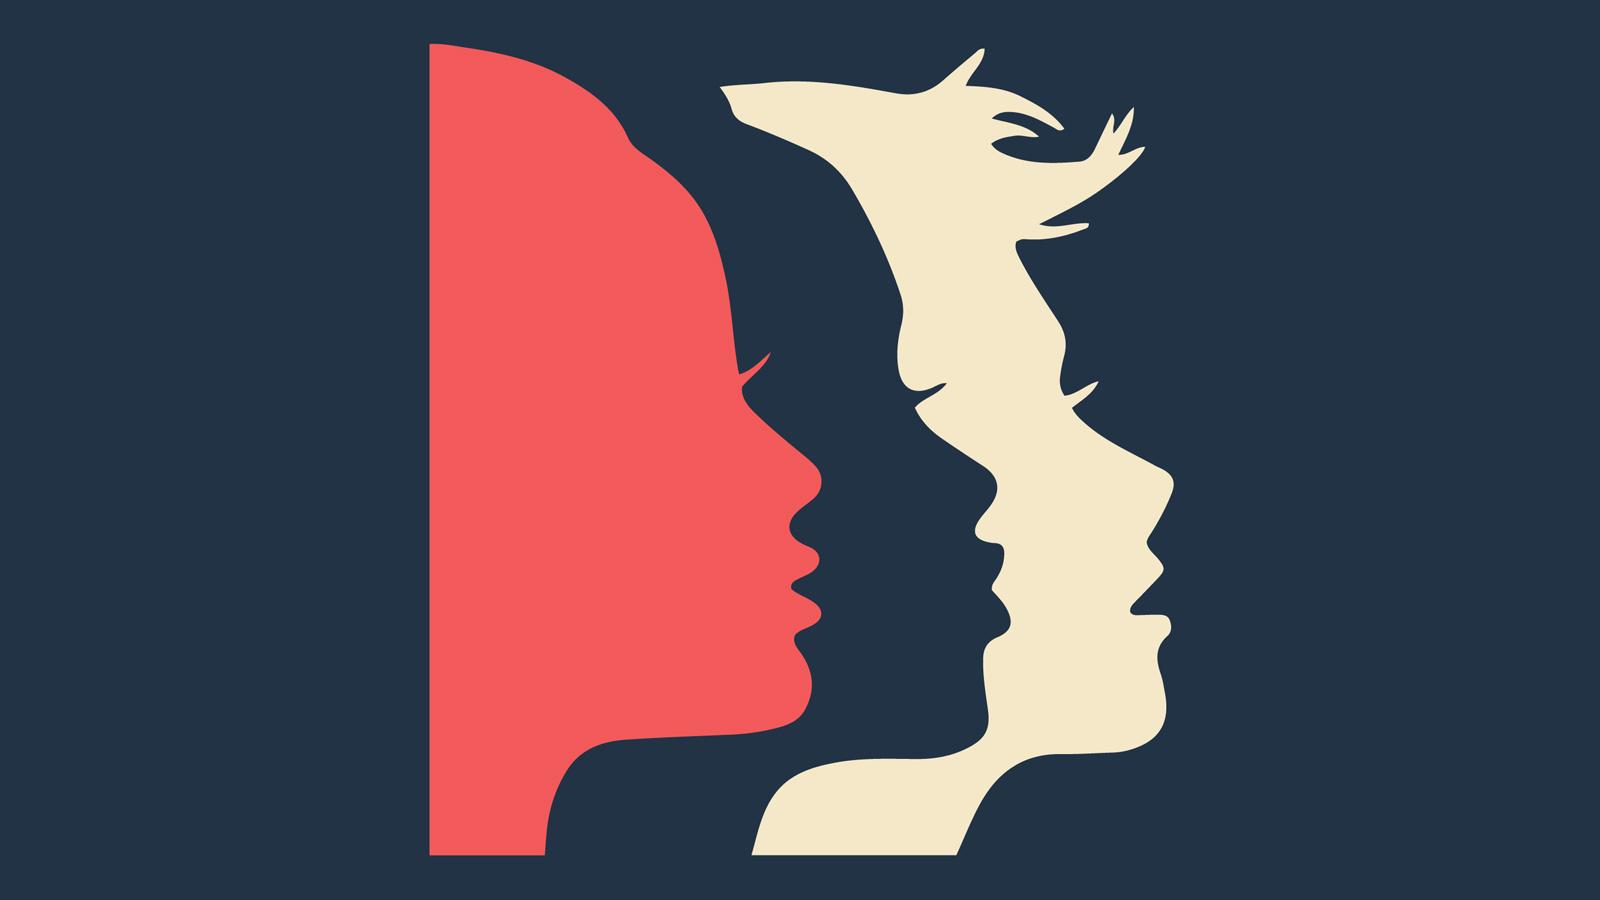 Ces héroïnes font avancer les droits des femmes dans le monde entier